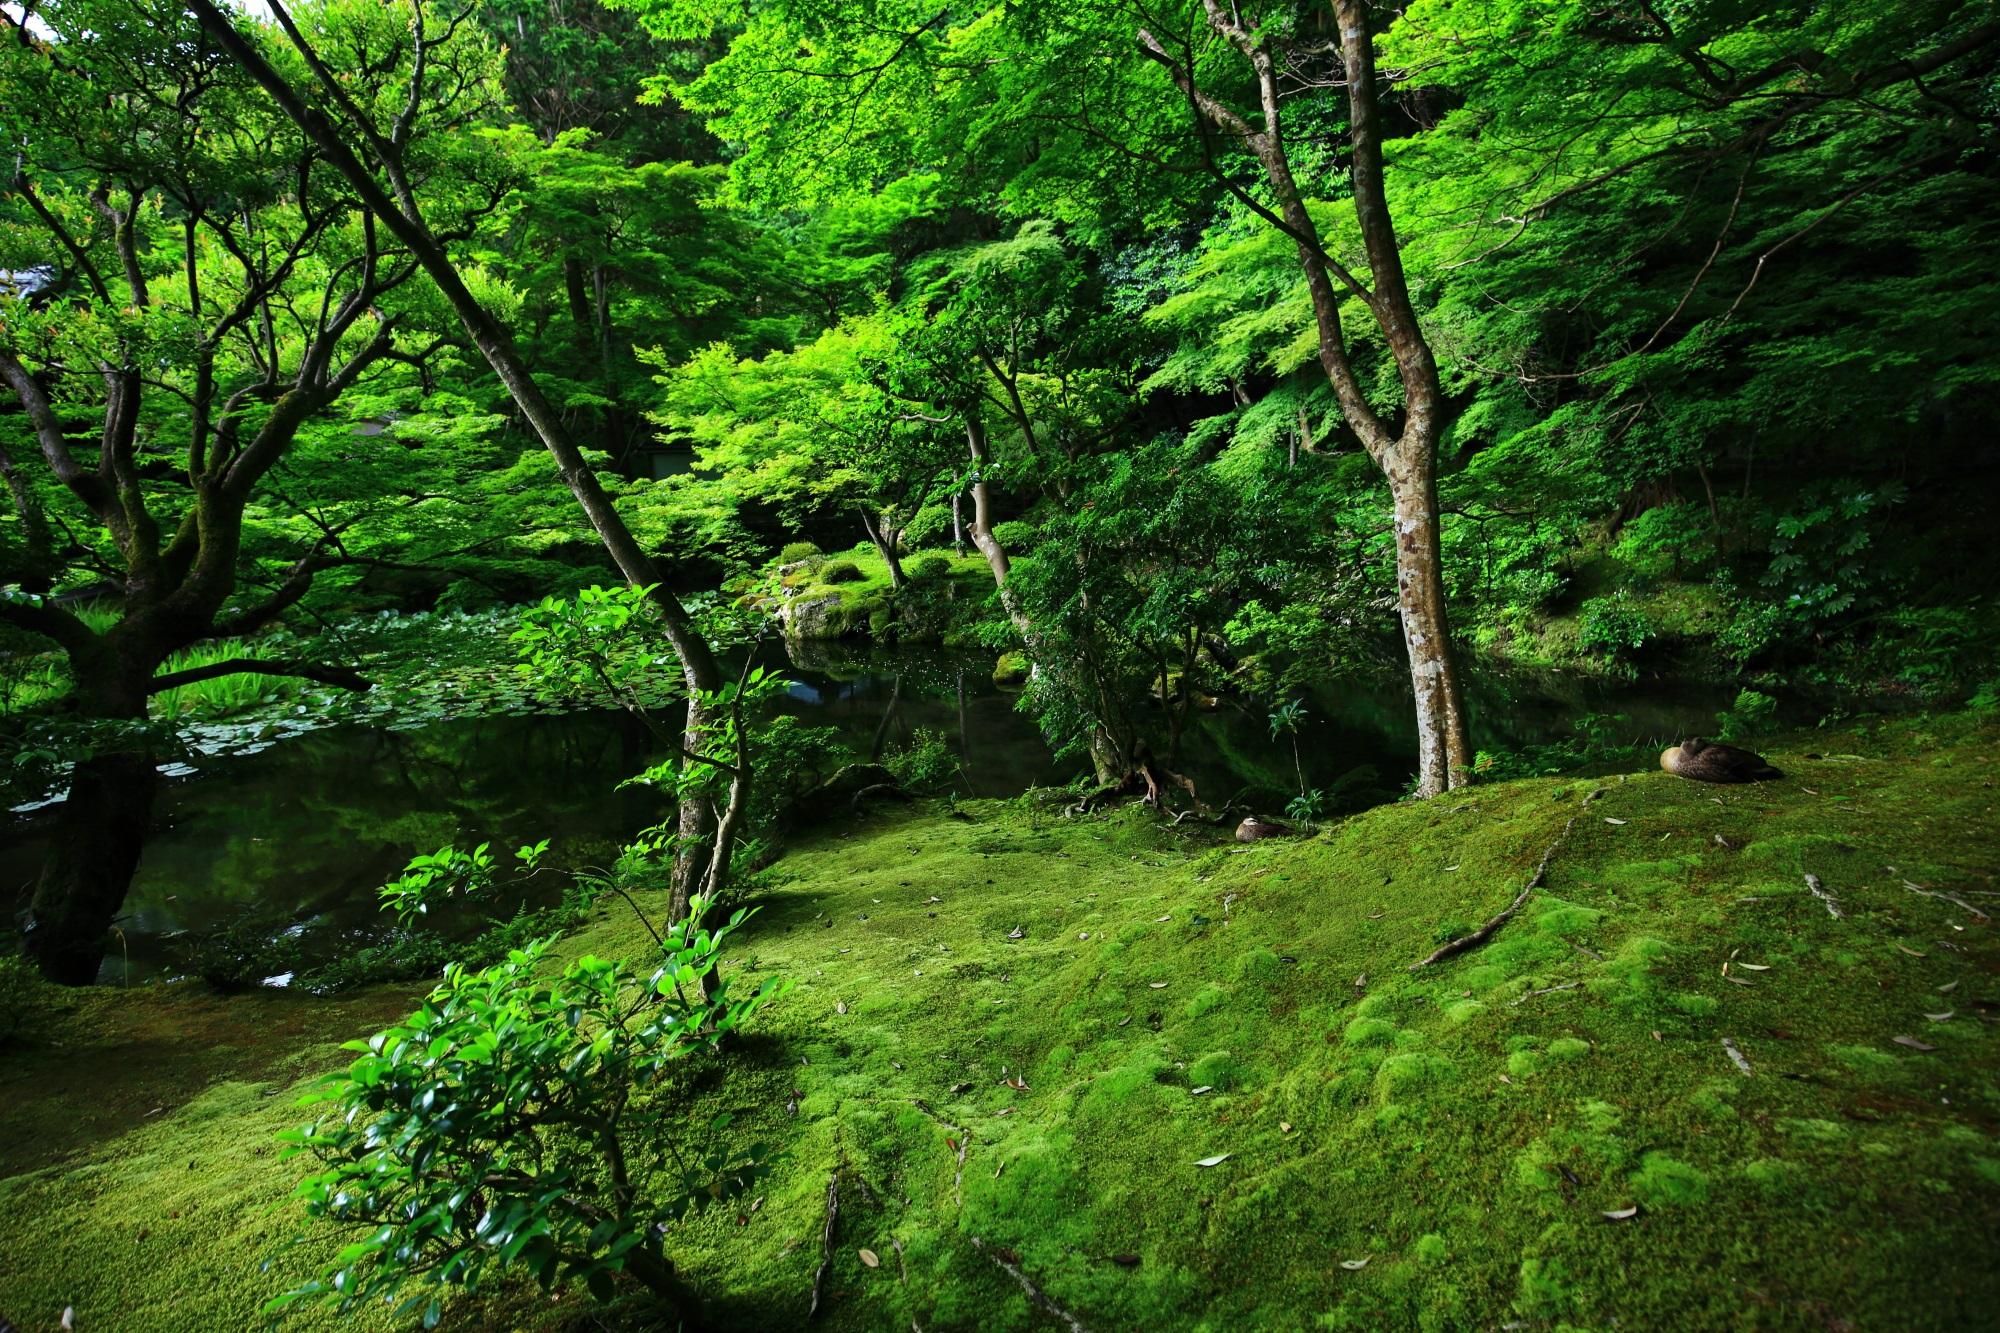 南禅院 高画質 写真 苔 緑 綺麗